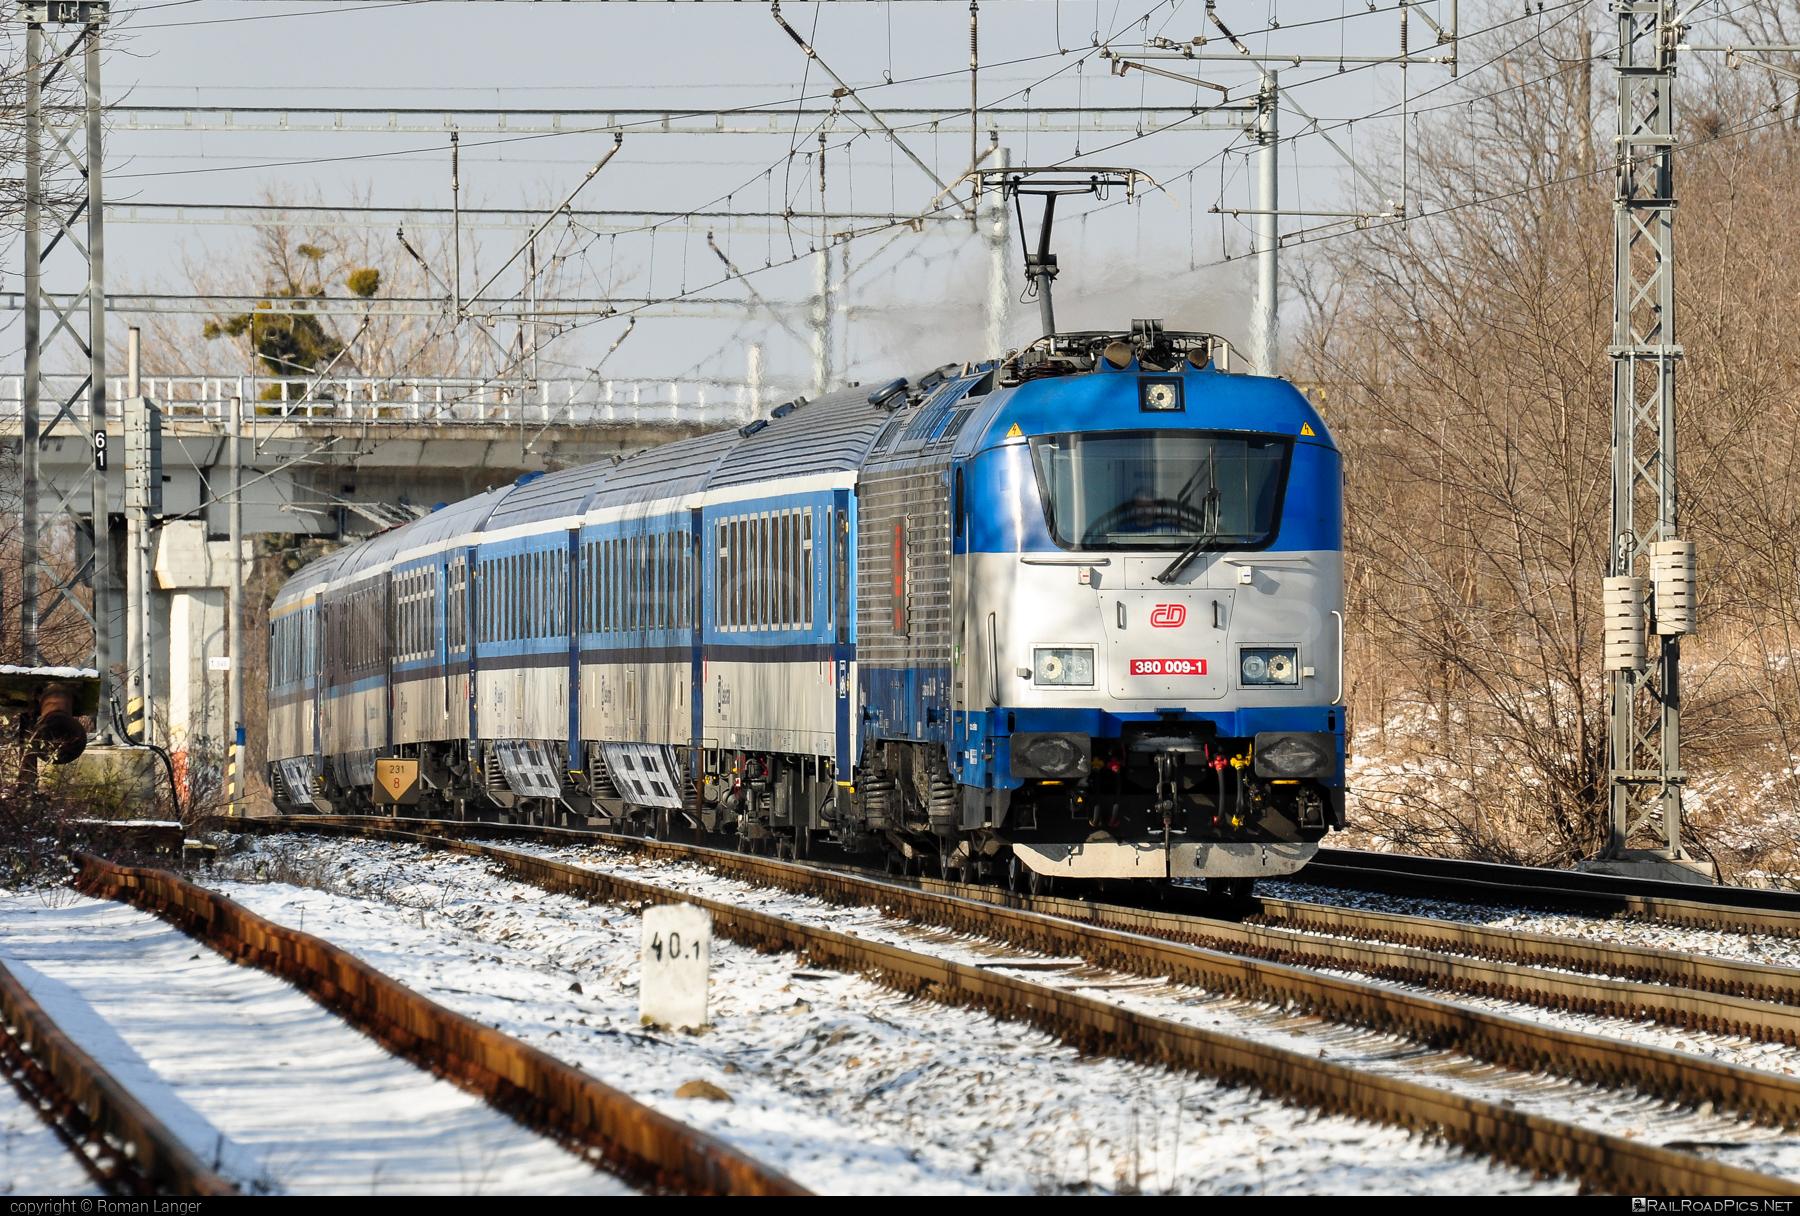 Škoda 109E1 Emil Zátopek - 380 009-1 operated by České dráhy, a.s. #cd #ceskedrahy #emilzatopeklocomotive #locomotive380 #skoda #skoda109e #skoda109elocomotive